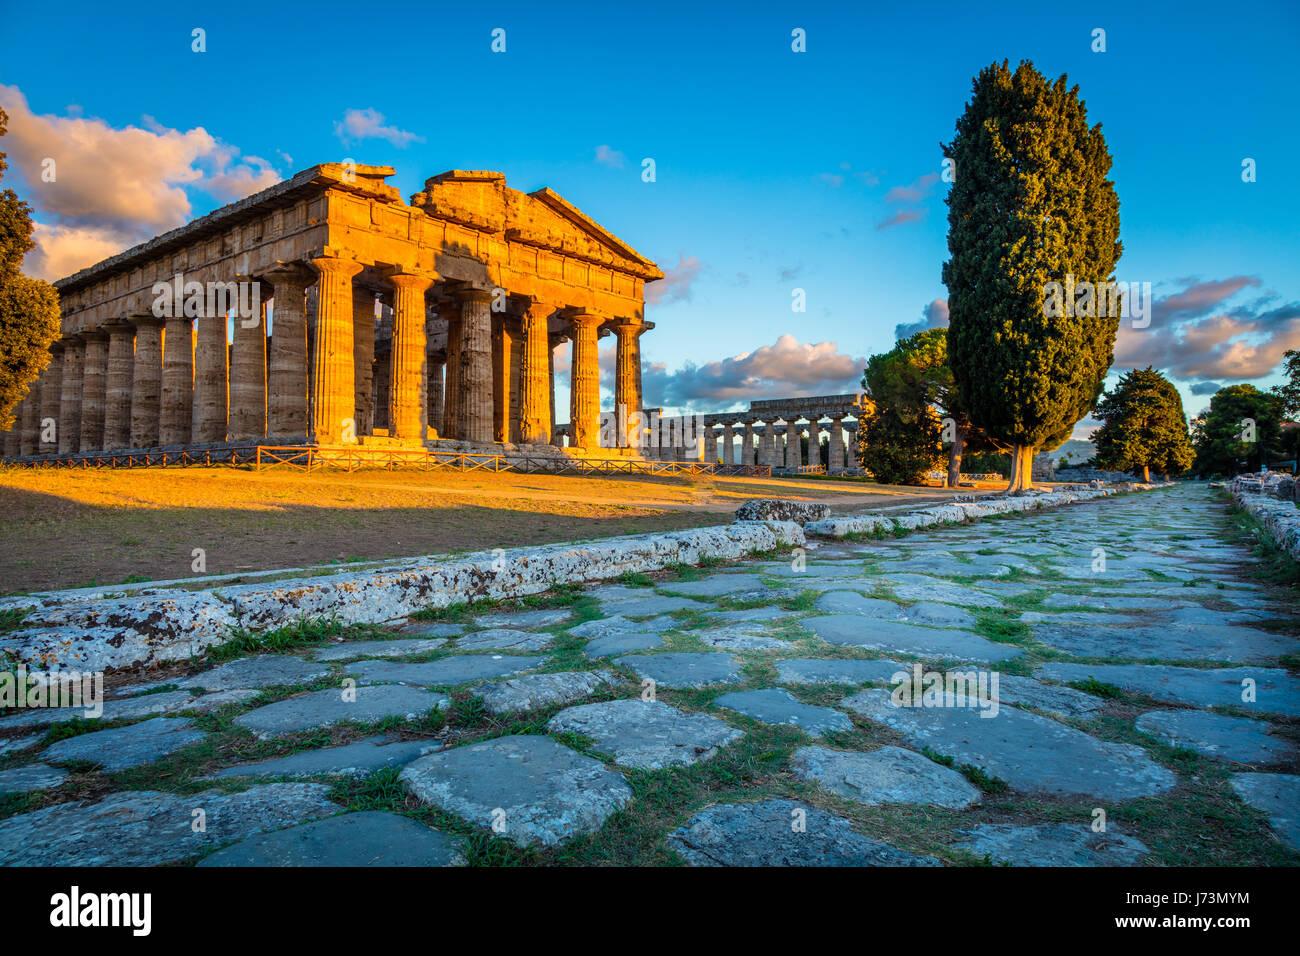 Paestum est une ancienne ville grecque sur la côte de la Mer Tyrrhénienne dans la Grande Grèce (Italie Photo Stock